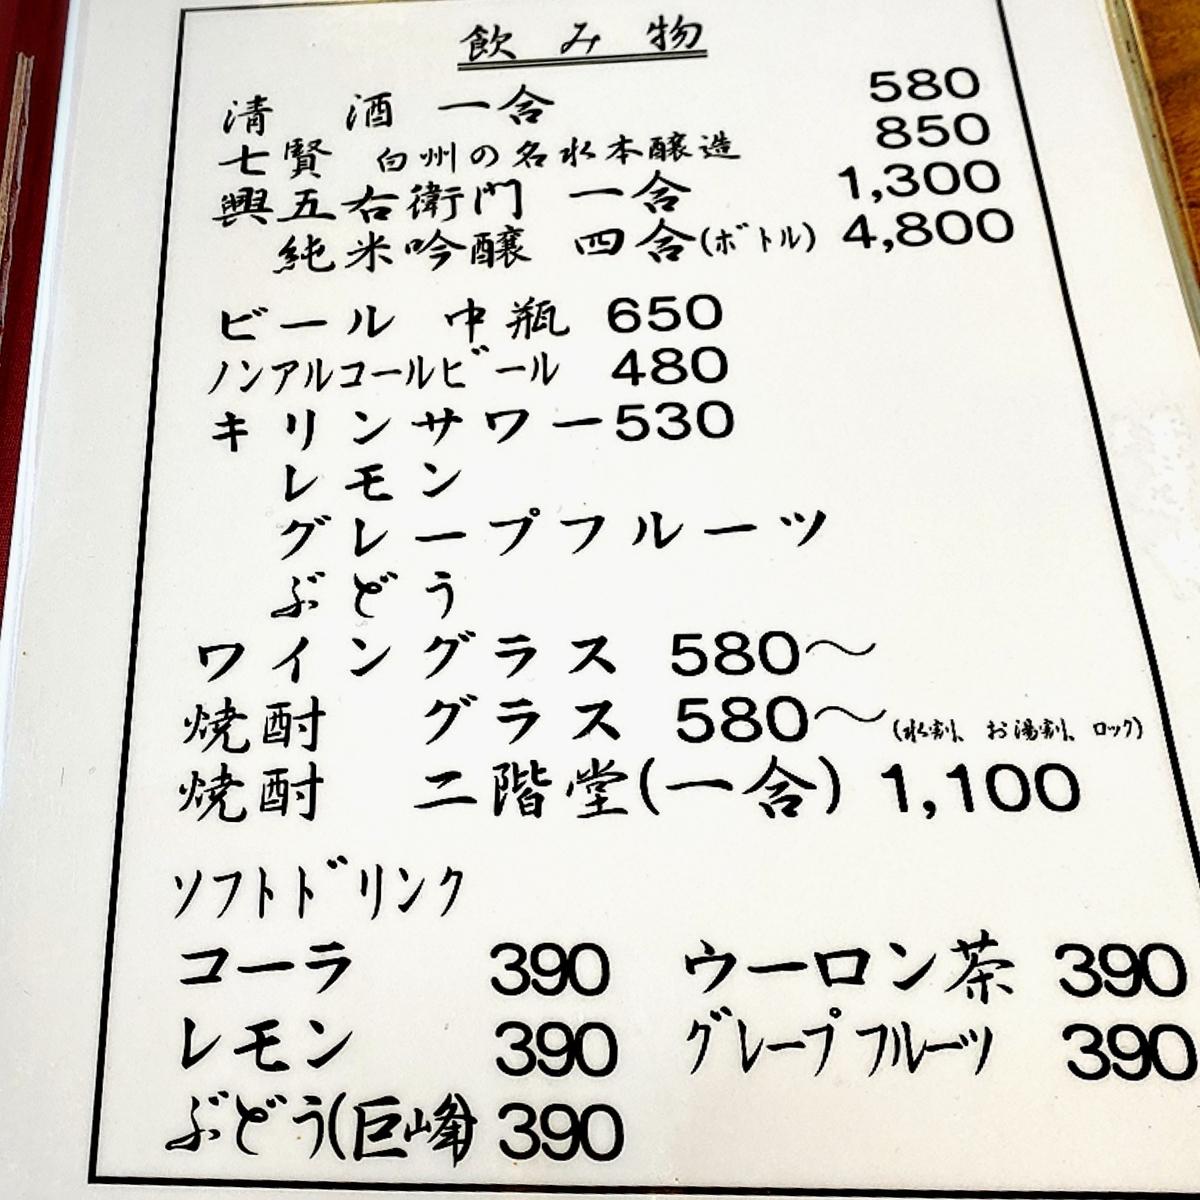 「喜勝亭」のメニューと値段2